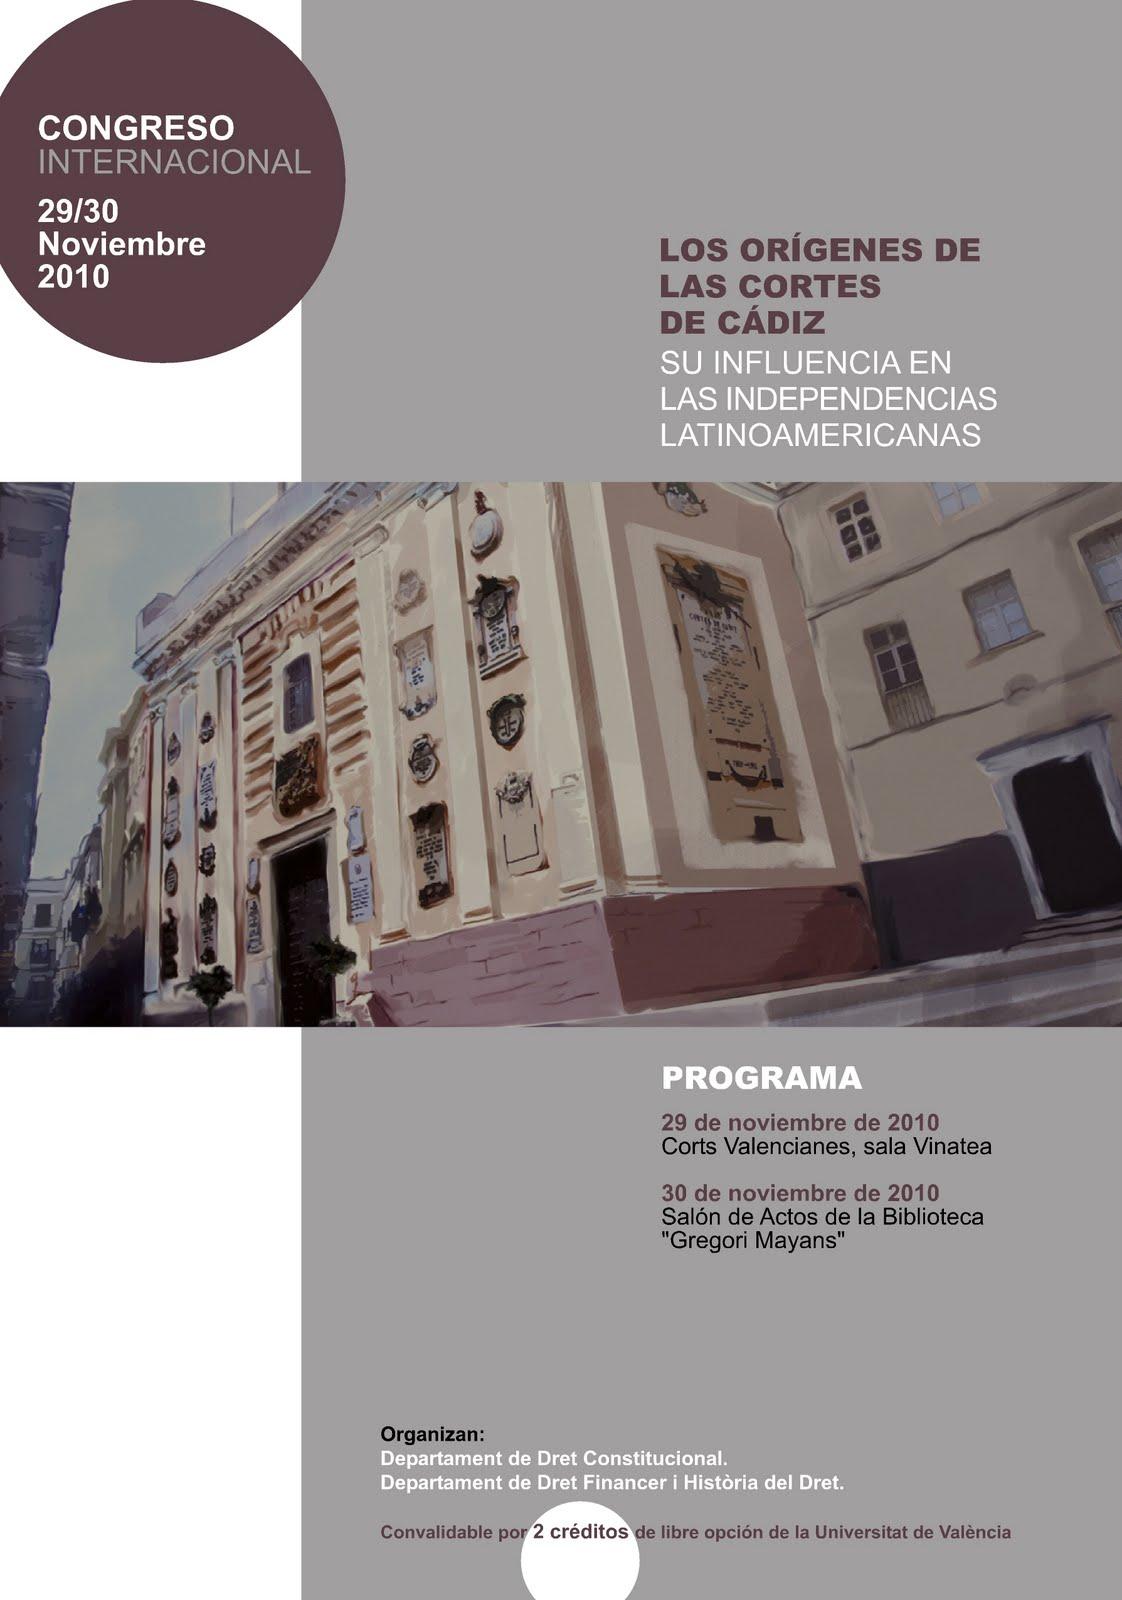 http://3.bp.blogspot.com/_NlGWvrksxYM/TNcBZt_XWcI/AAAAAAAAAVo/QVWT0ExA4gk/s1600/01_Portada_Programa_Cortes_Cadiz.jpg